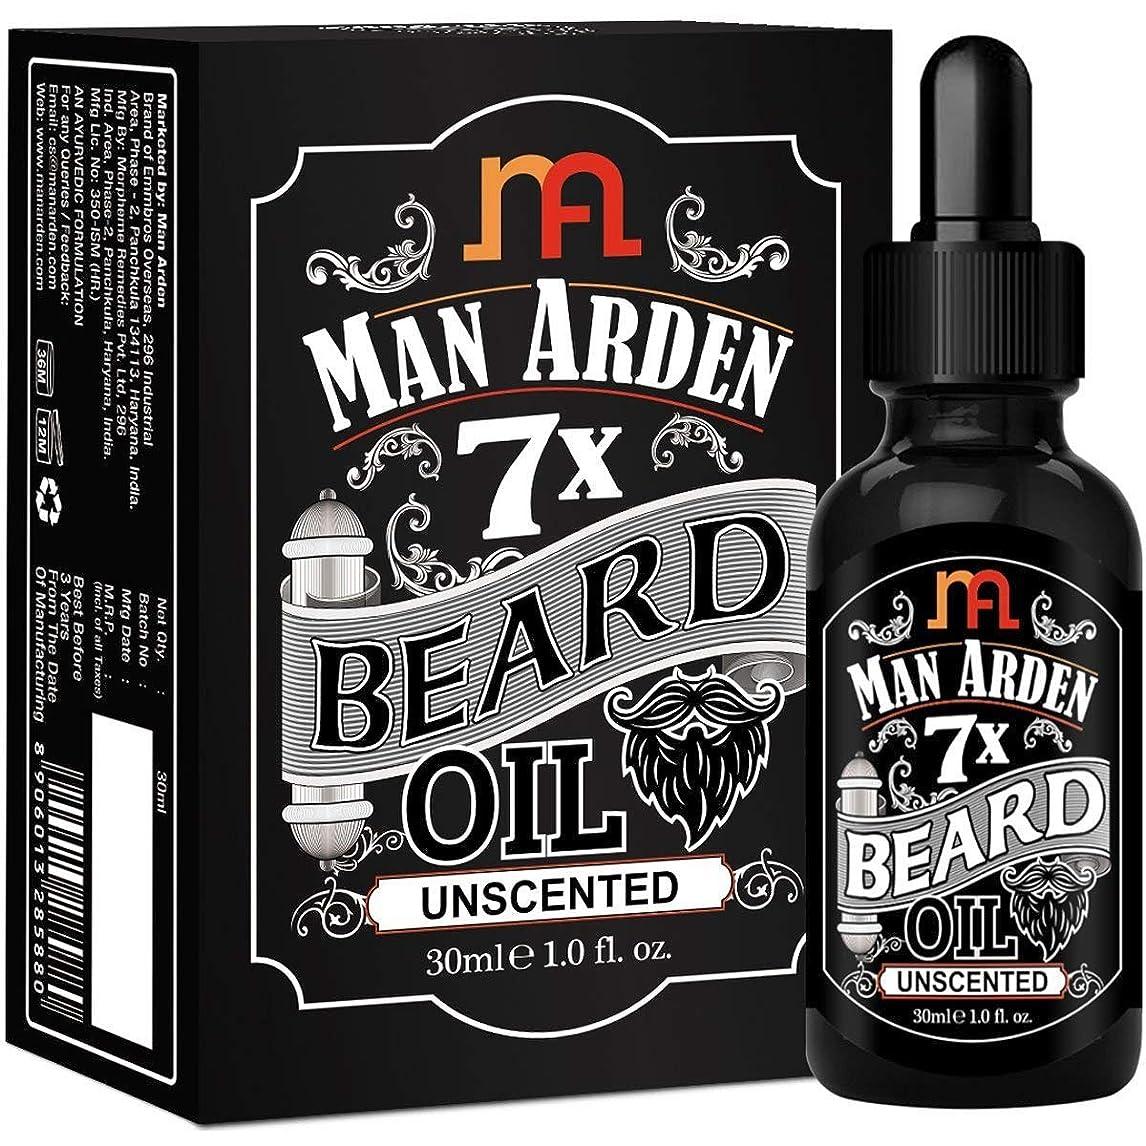 いっぱいイデオロギー懐疑的Man Arden 7X Beard Oil 30ml (Unscented) - 7 Premium Oils Blend For Beard Growth & Nourishment